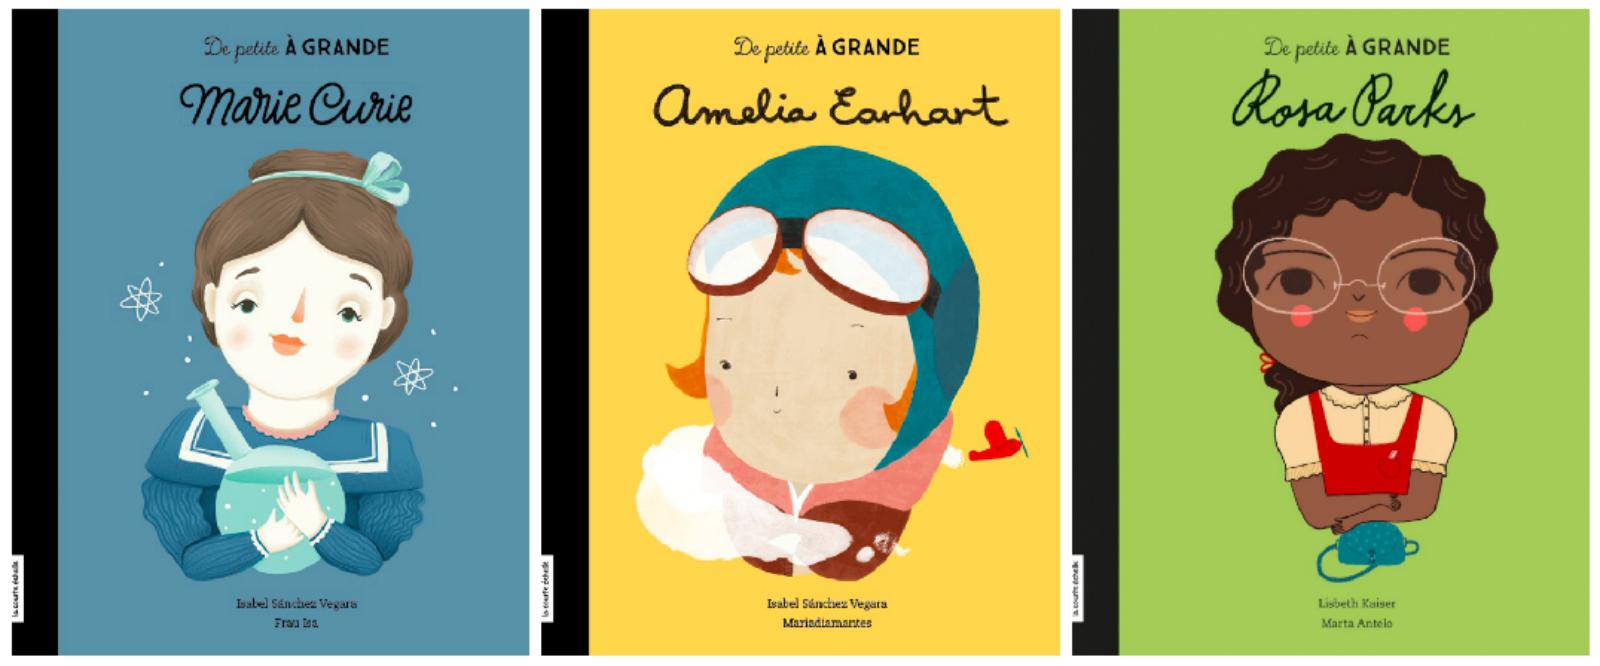 De petite À GRANDE : une collection inspirante pour les enfants !